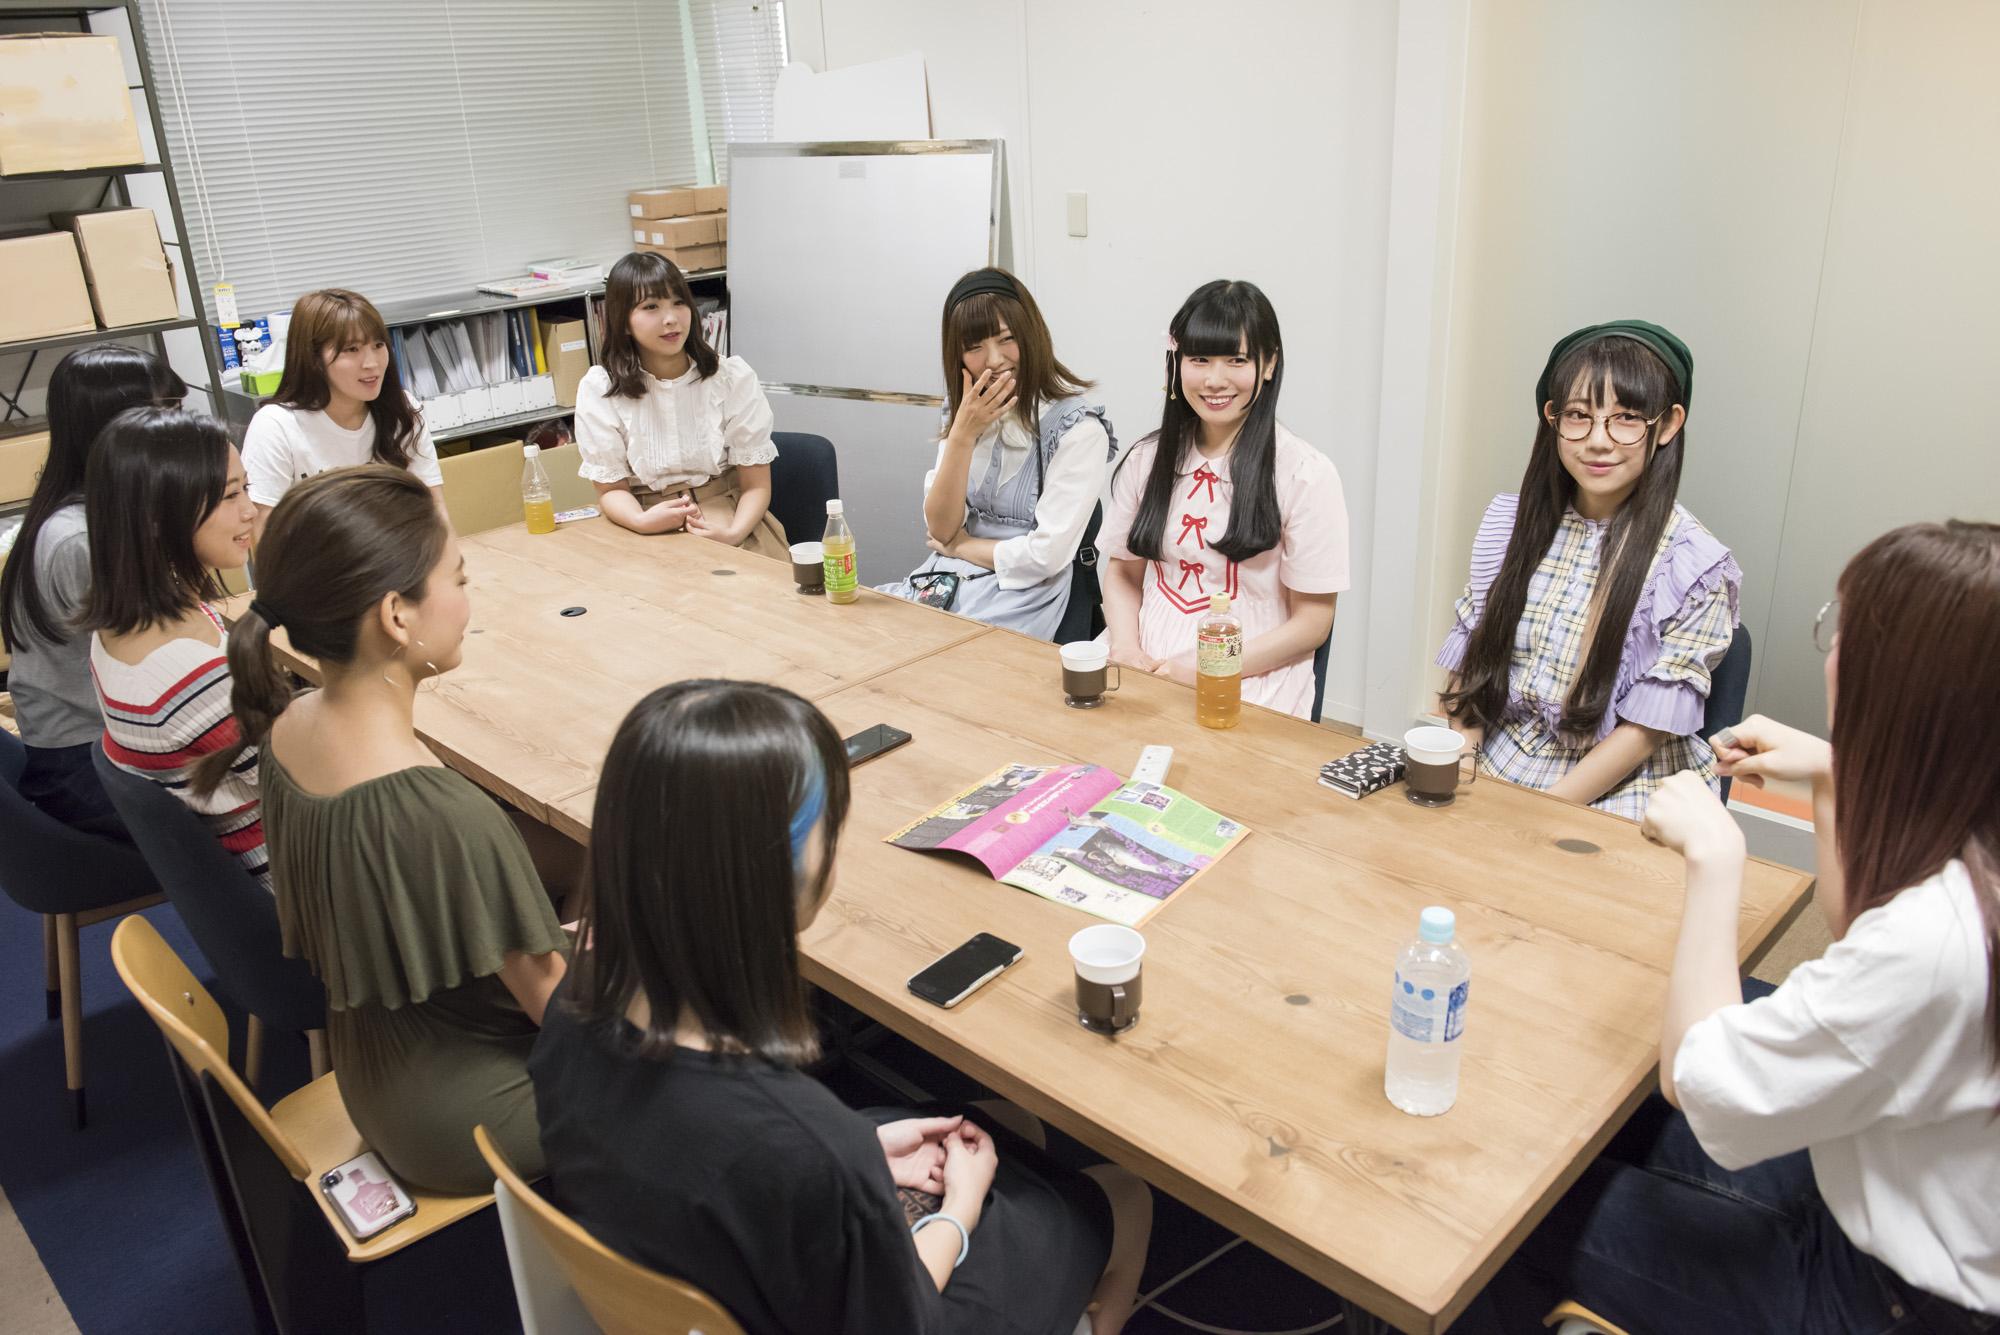 INTERVIEW 024 望月みゆ&恋汐りんご&大桃子サンライズさん 写真4